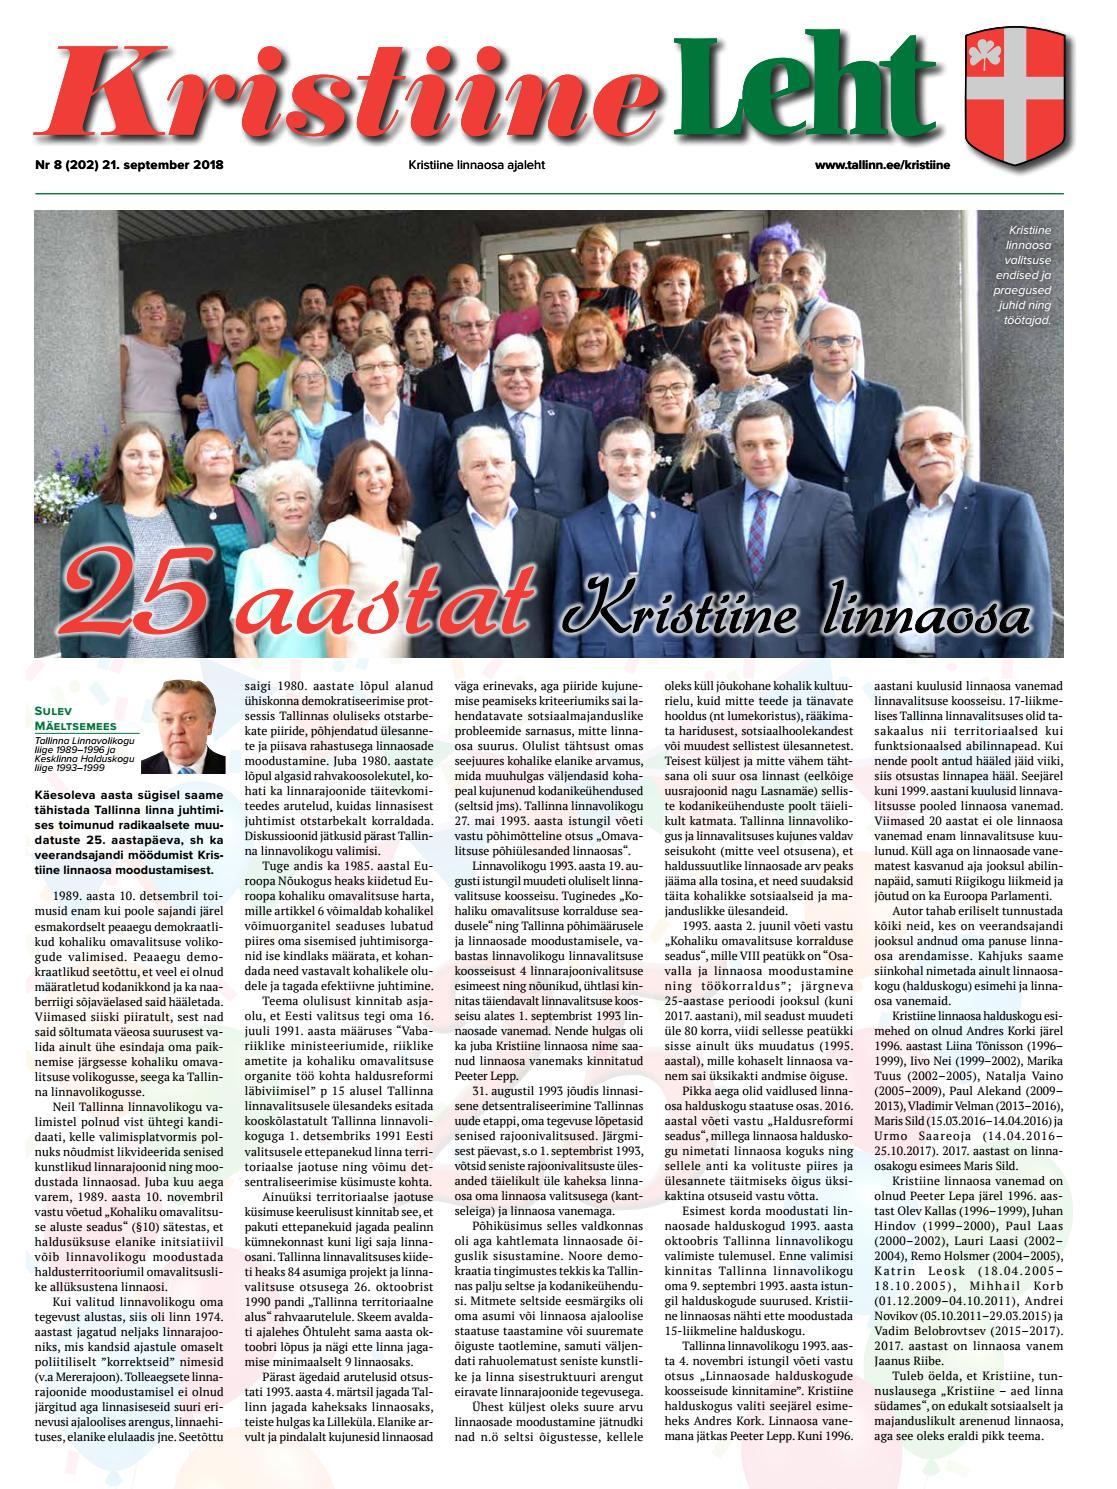 2b7188d4b12 Kristiine Leht 21.september 2018 by kristiinelv - issuu